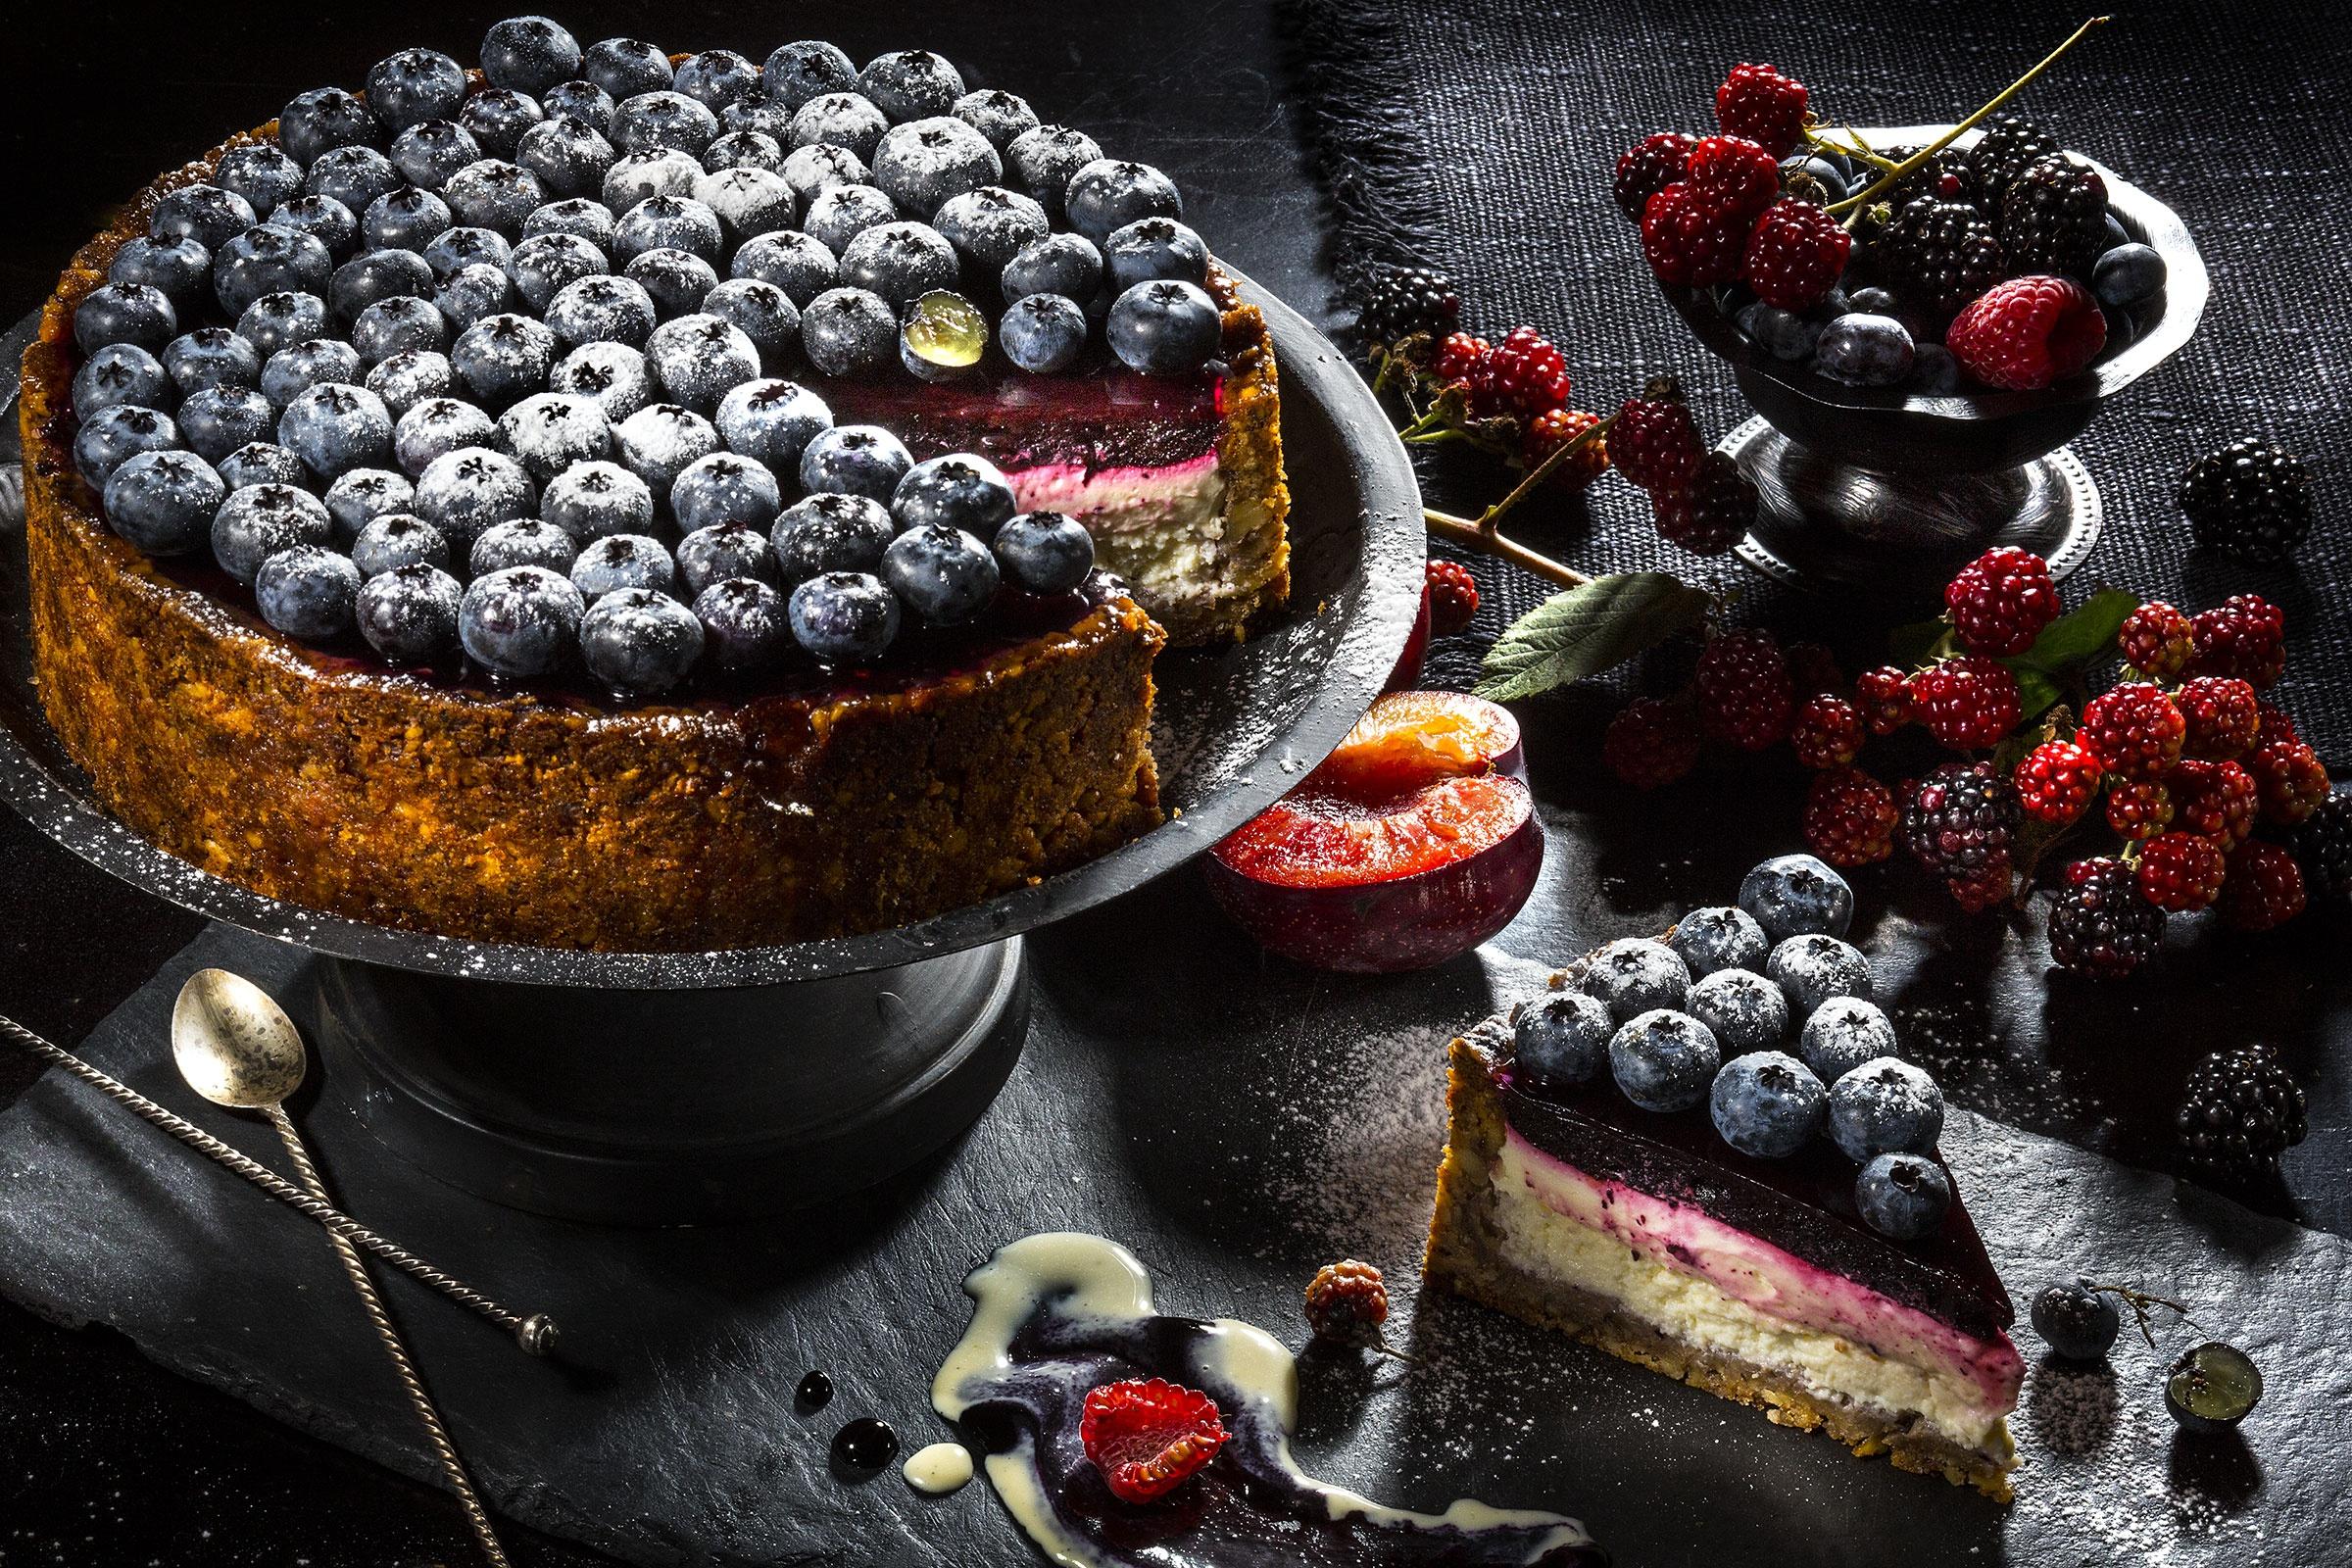 Открытки днем, картинки десерты на темном фоне